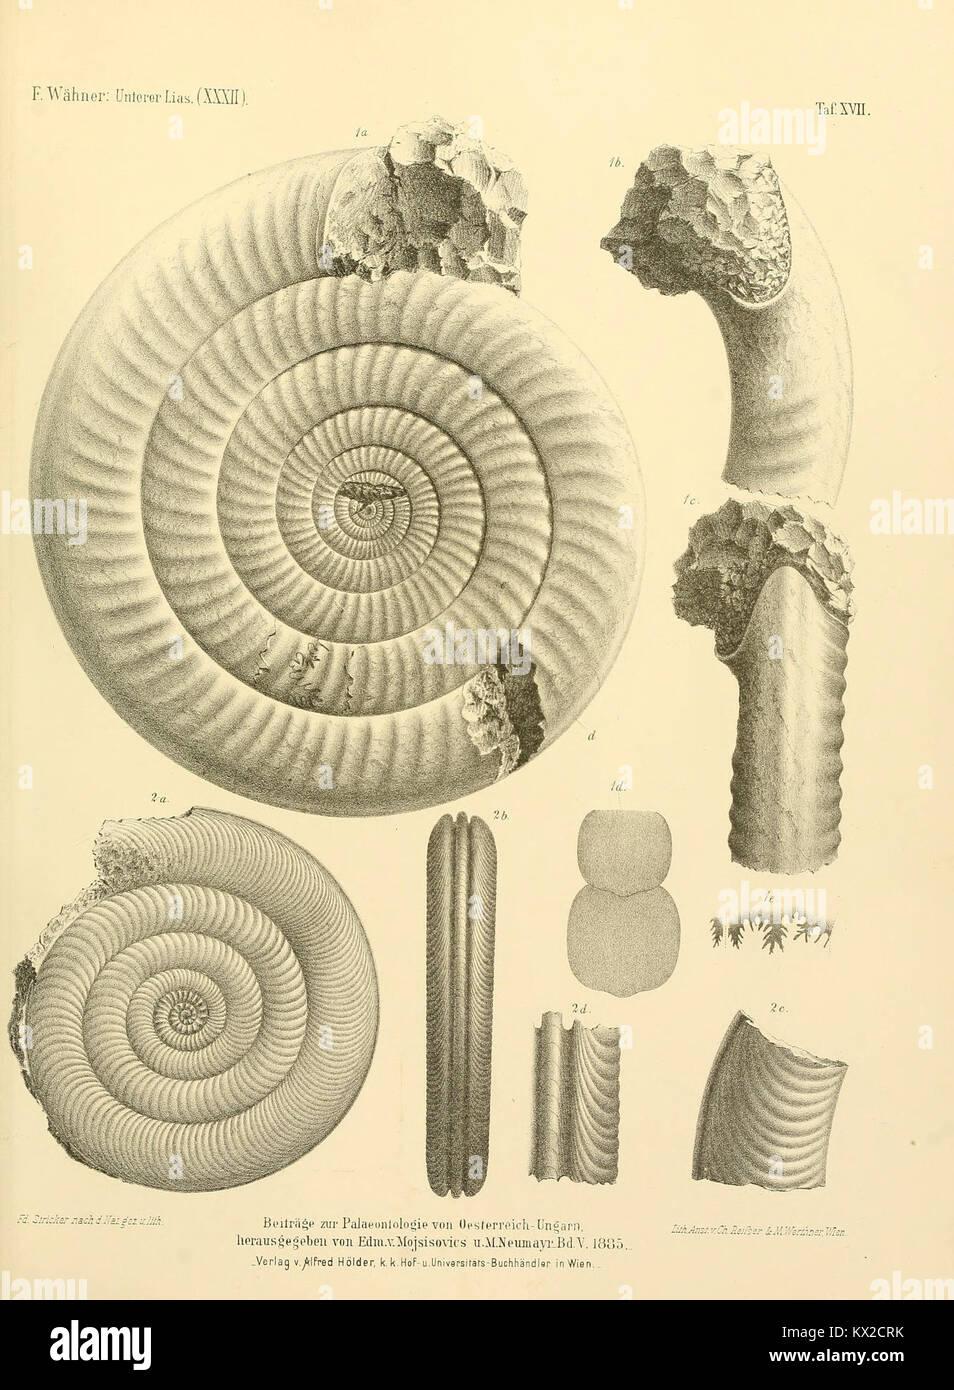 Beiträge zur Paläontologie Österreich-Ungarns und des Orients BHL14482038 - Stock Image